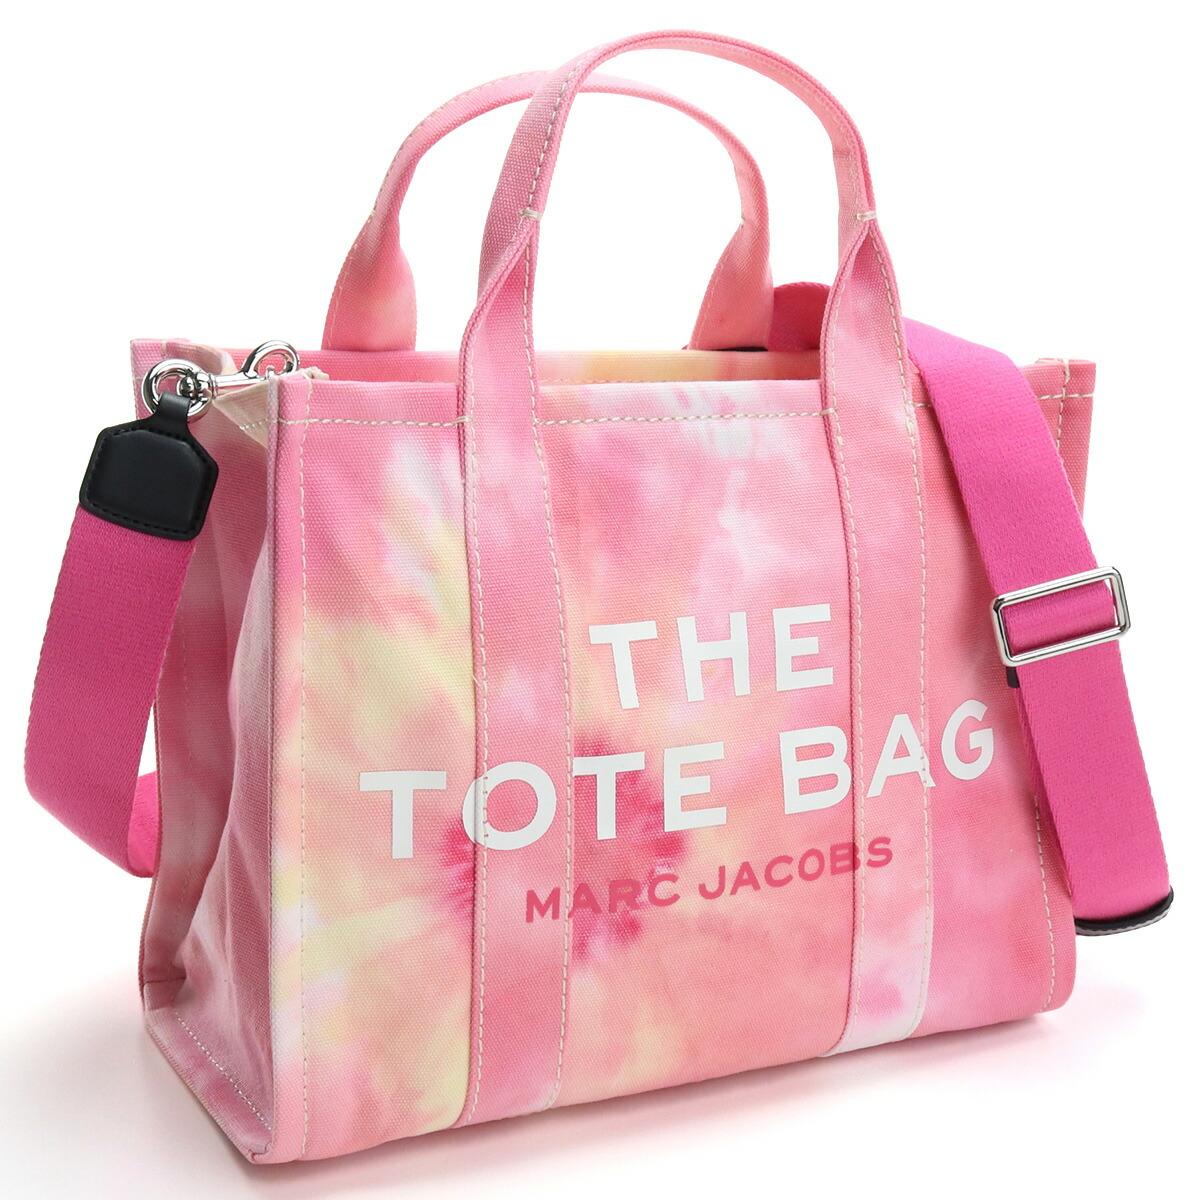 マーク・ジェイコブス MARC JACOBS  トートバッグ ブランドバッグ H014M02PF21 699 THE TOTE THE TIE DYE MINI TOTE BAG PINK MULTI ピンク系 bag-01